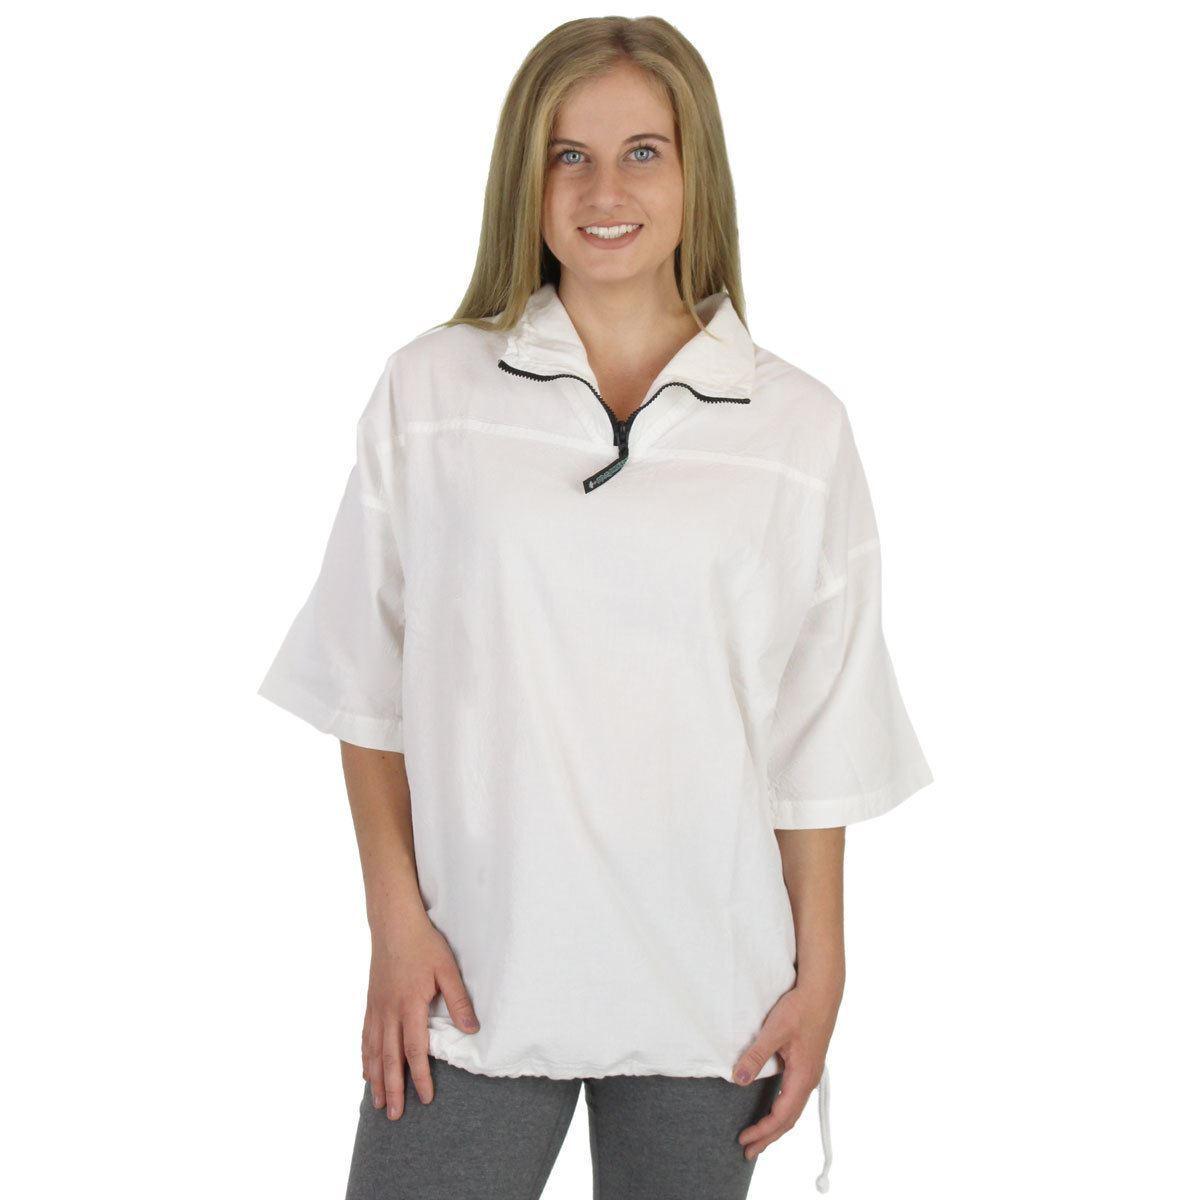 damen Honeykomb Cotton Short Sleeve Zip Top - 100 Percent Cotton Top